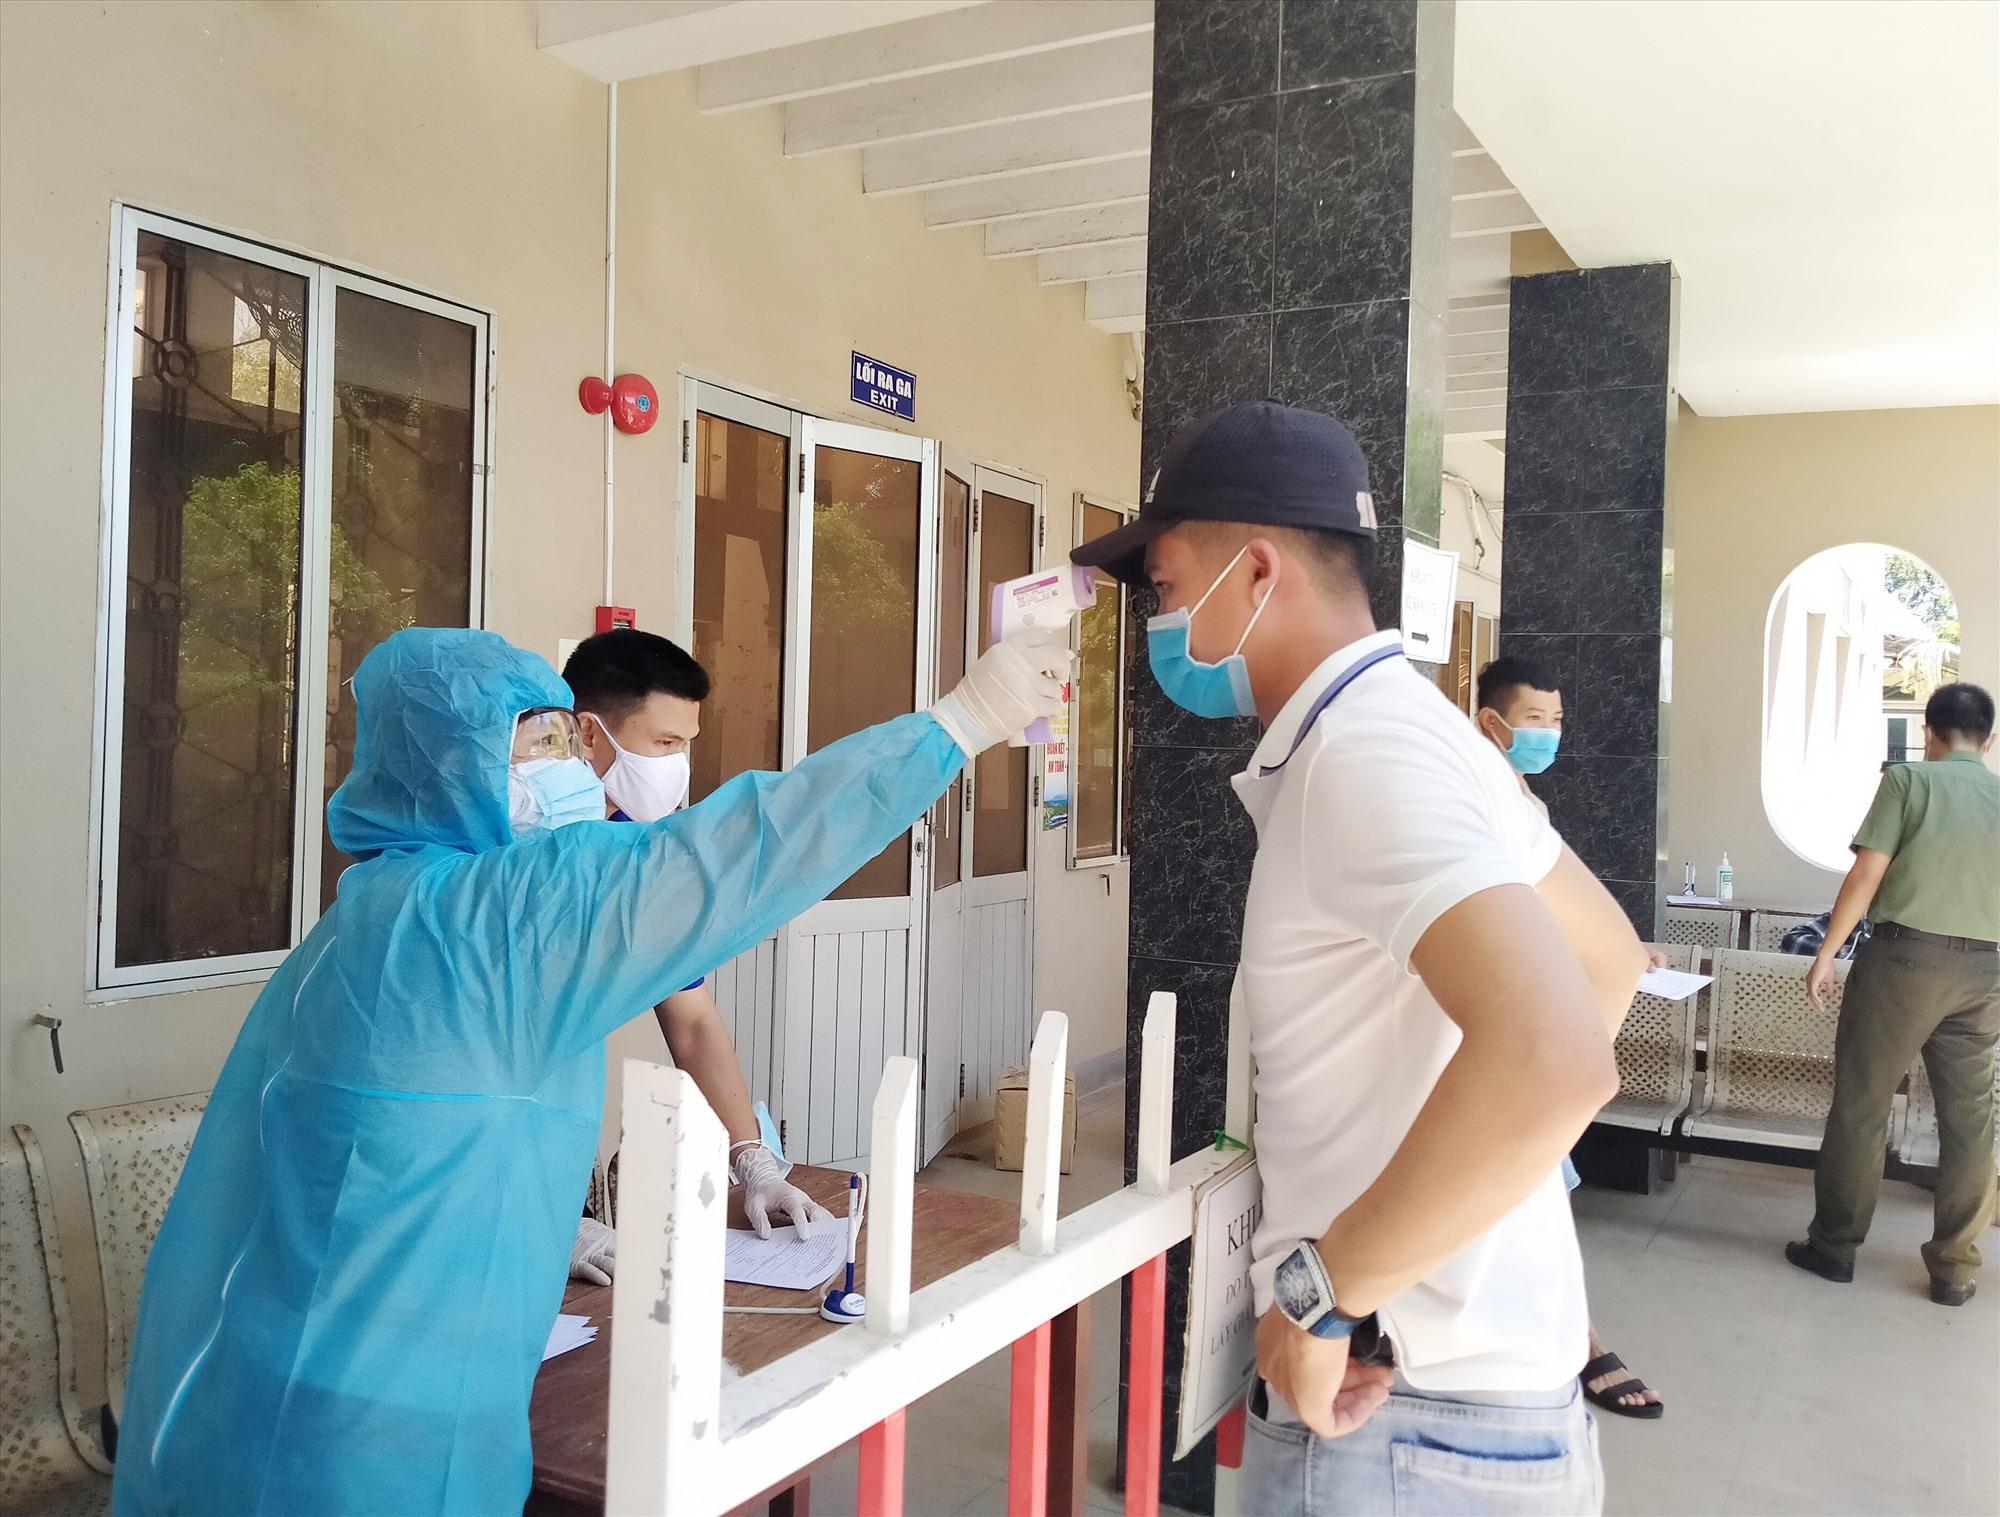 Hiện nay, nhân viên y tế tuyến huyện vẫn là lực lượng chủ chốt trong công tác phòng chống dịch ở cơ sở. Ảnh: X.H